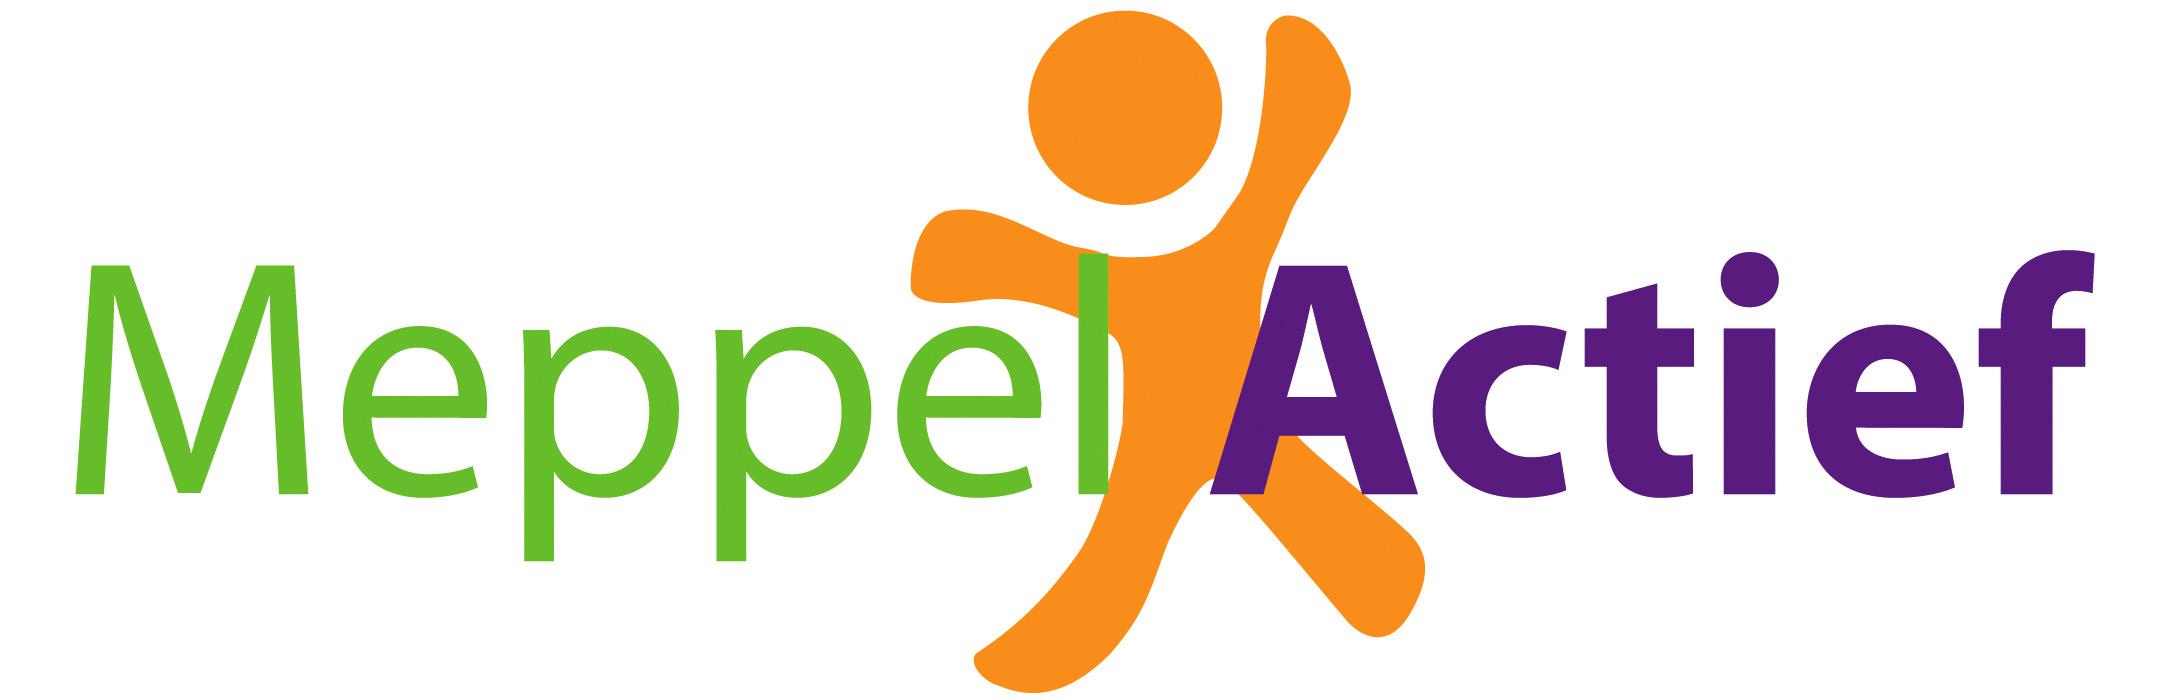 Meppel Actief Logo